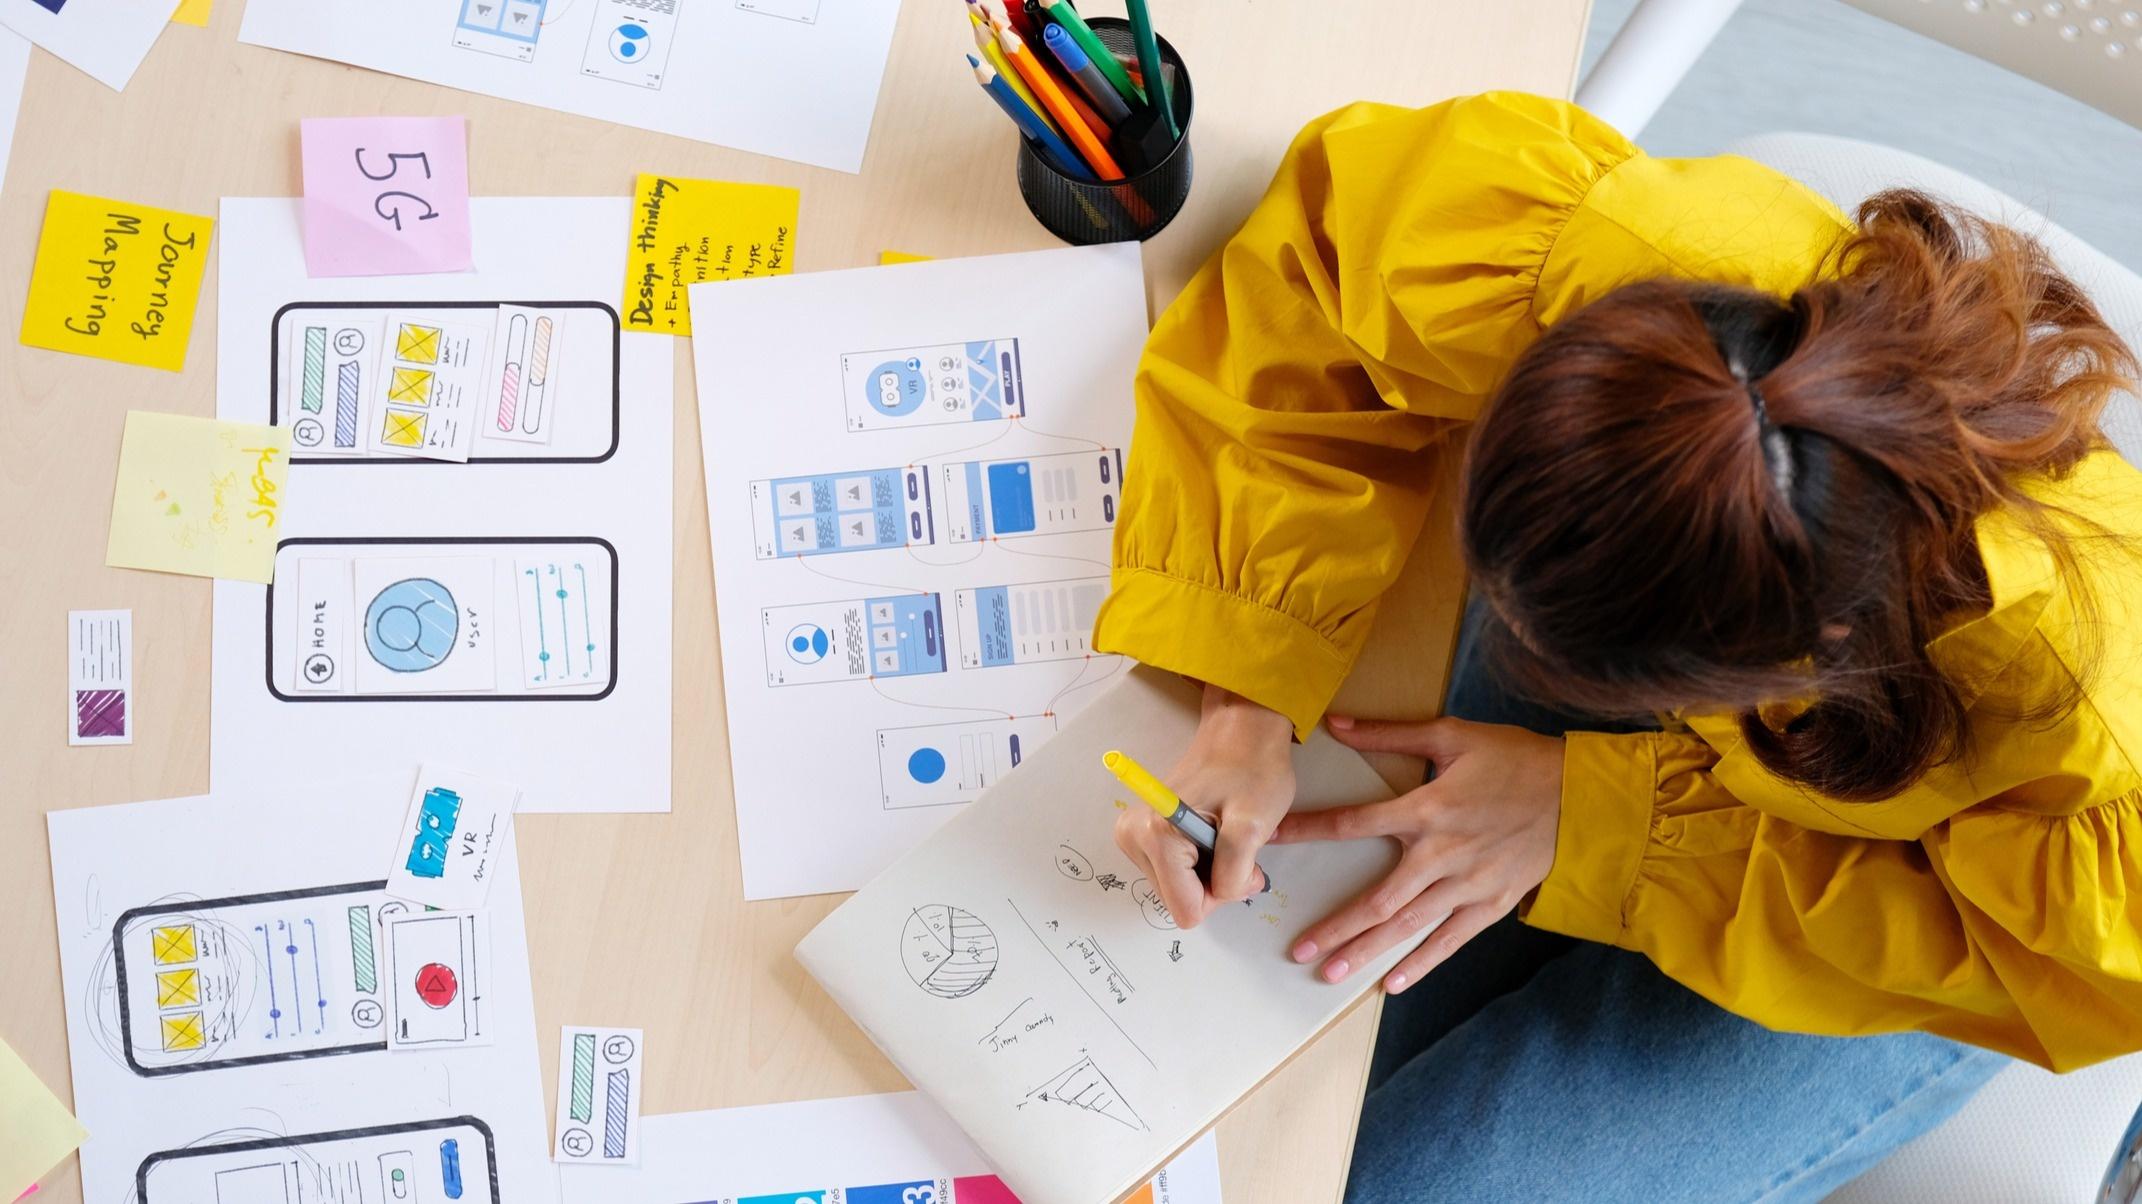 UX Design para conteúdos interativos